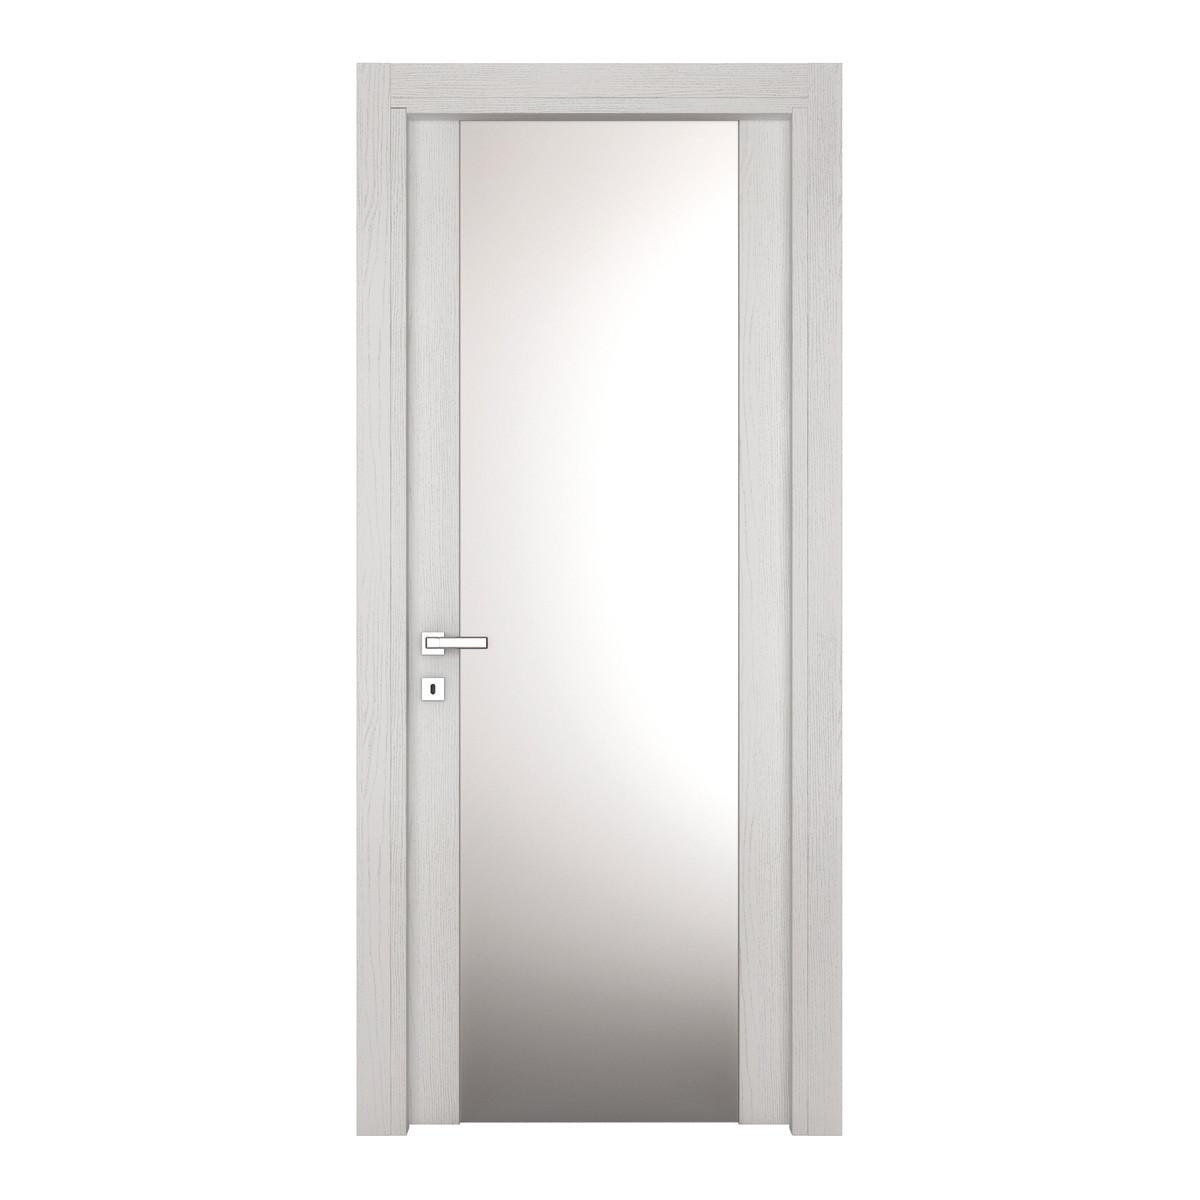 Decorate lampade ispirazioni - Porta vetro scorrevole leroy merlin ...